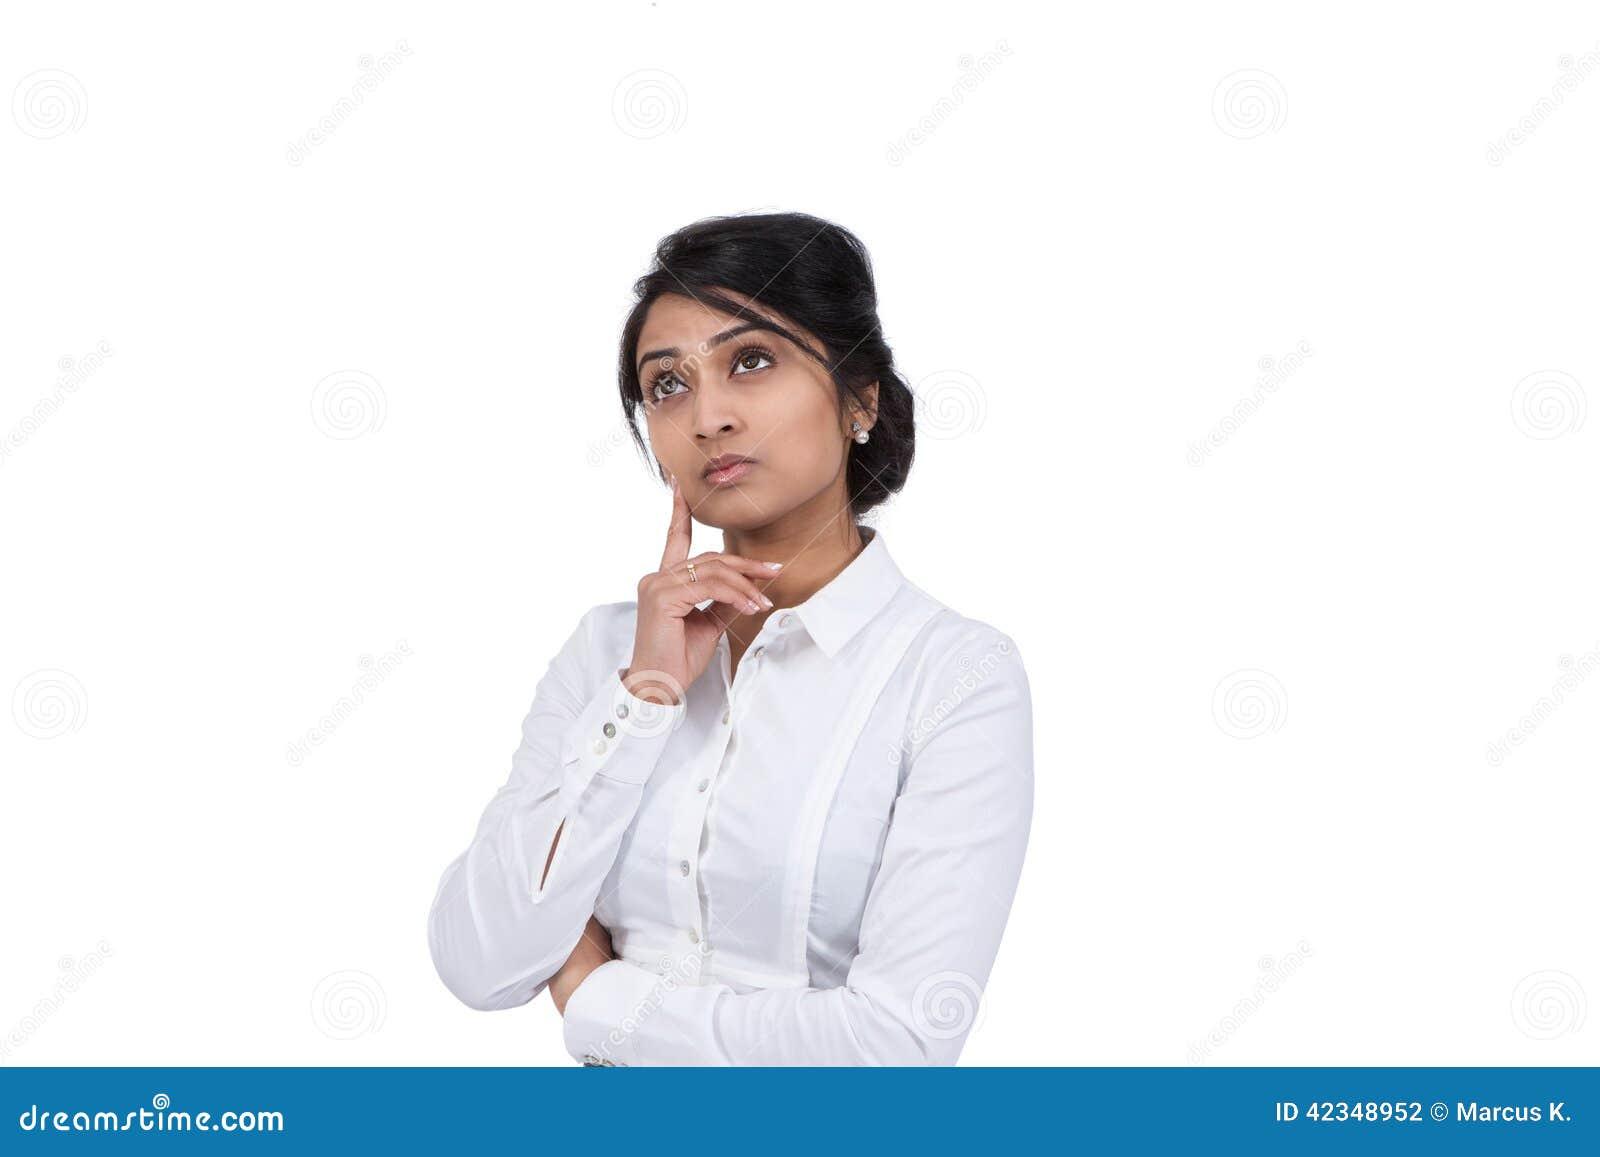 απομόνωση επιχειρηματιών ανασκόπησης που σκέφτεται άσπρη